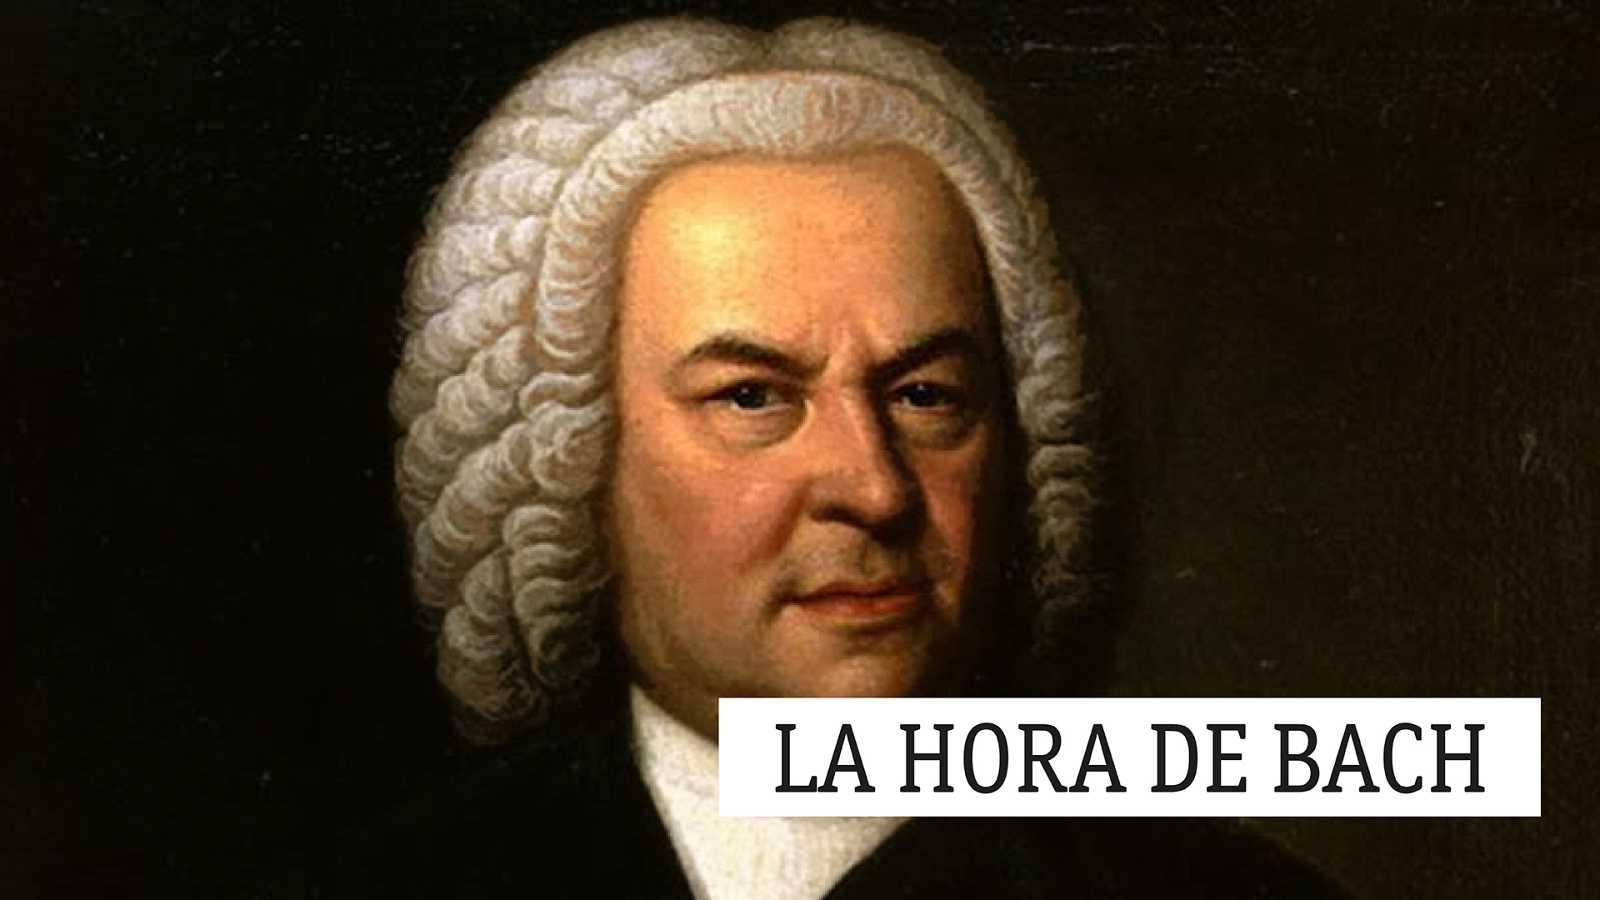 La hora de Bach - 24/04/21 - escuchar ahora